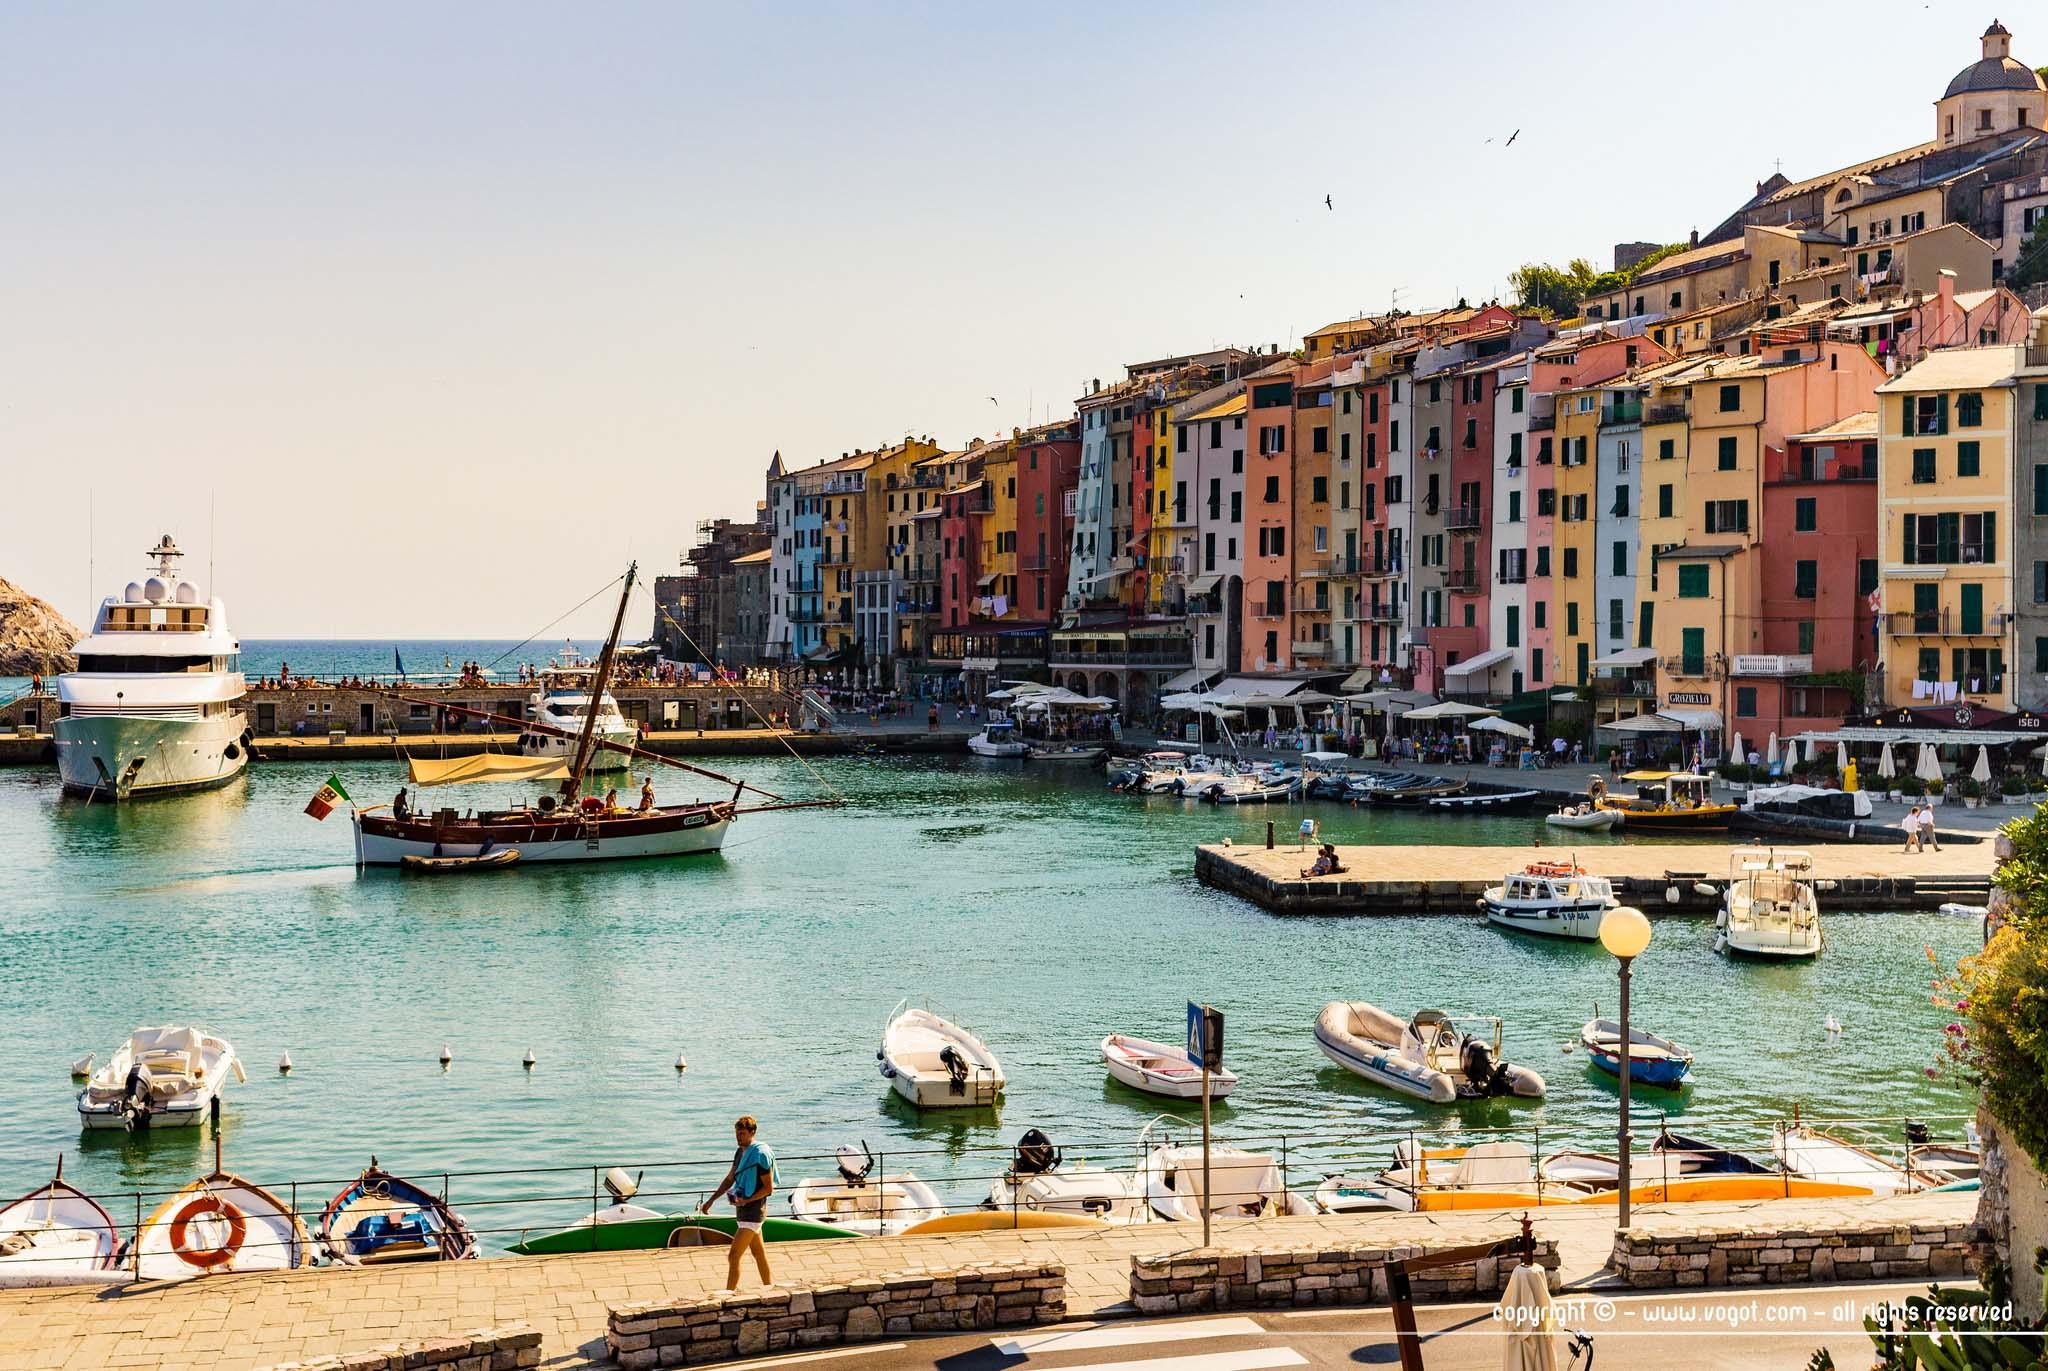 Le port de Portovenere avec ses embarcations et ses façades colorées